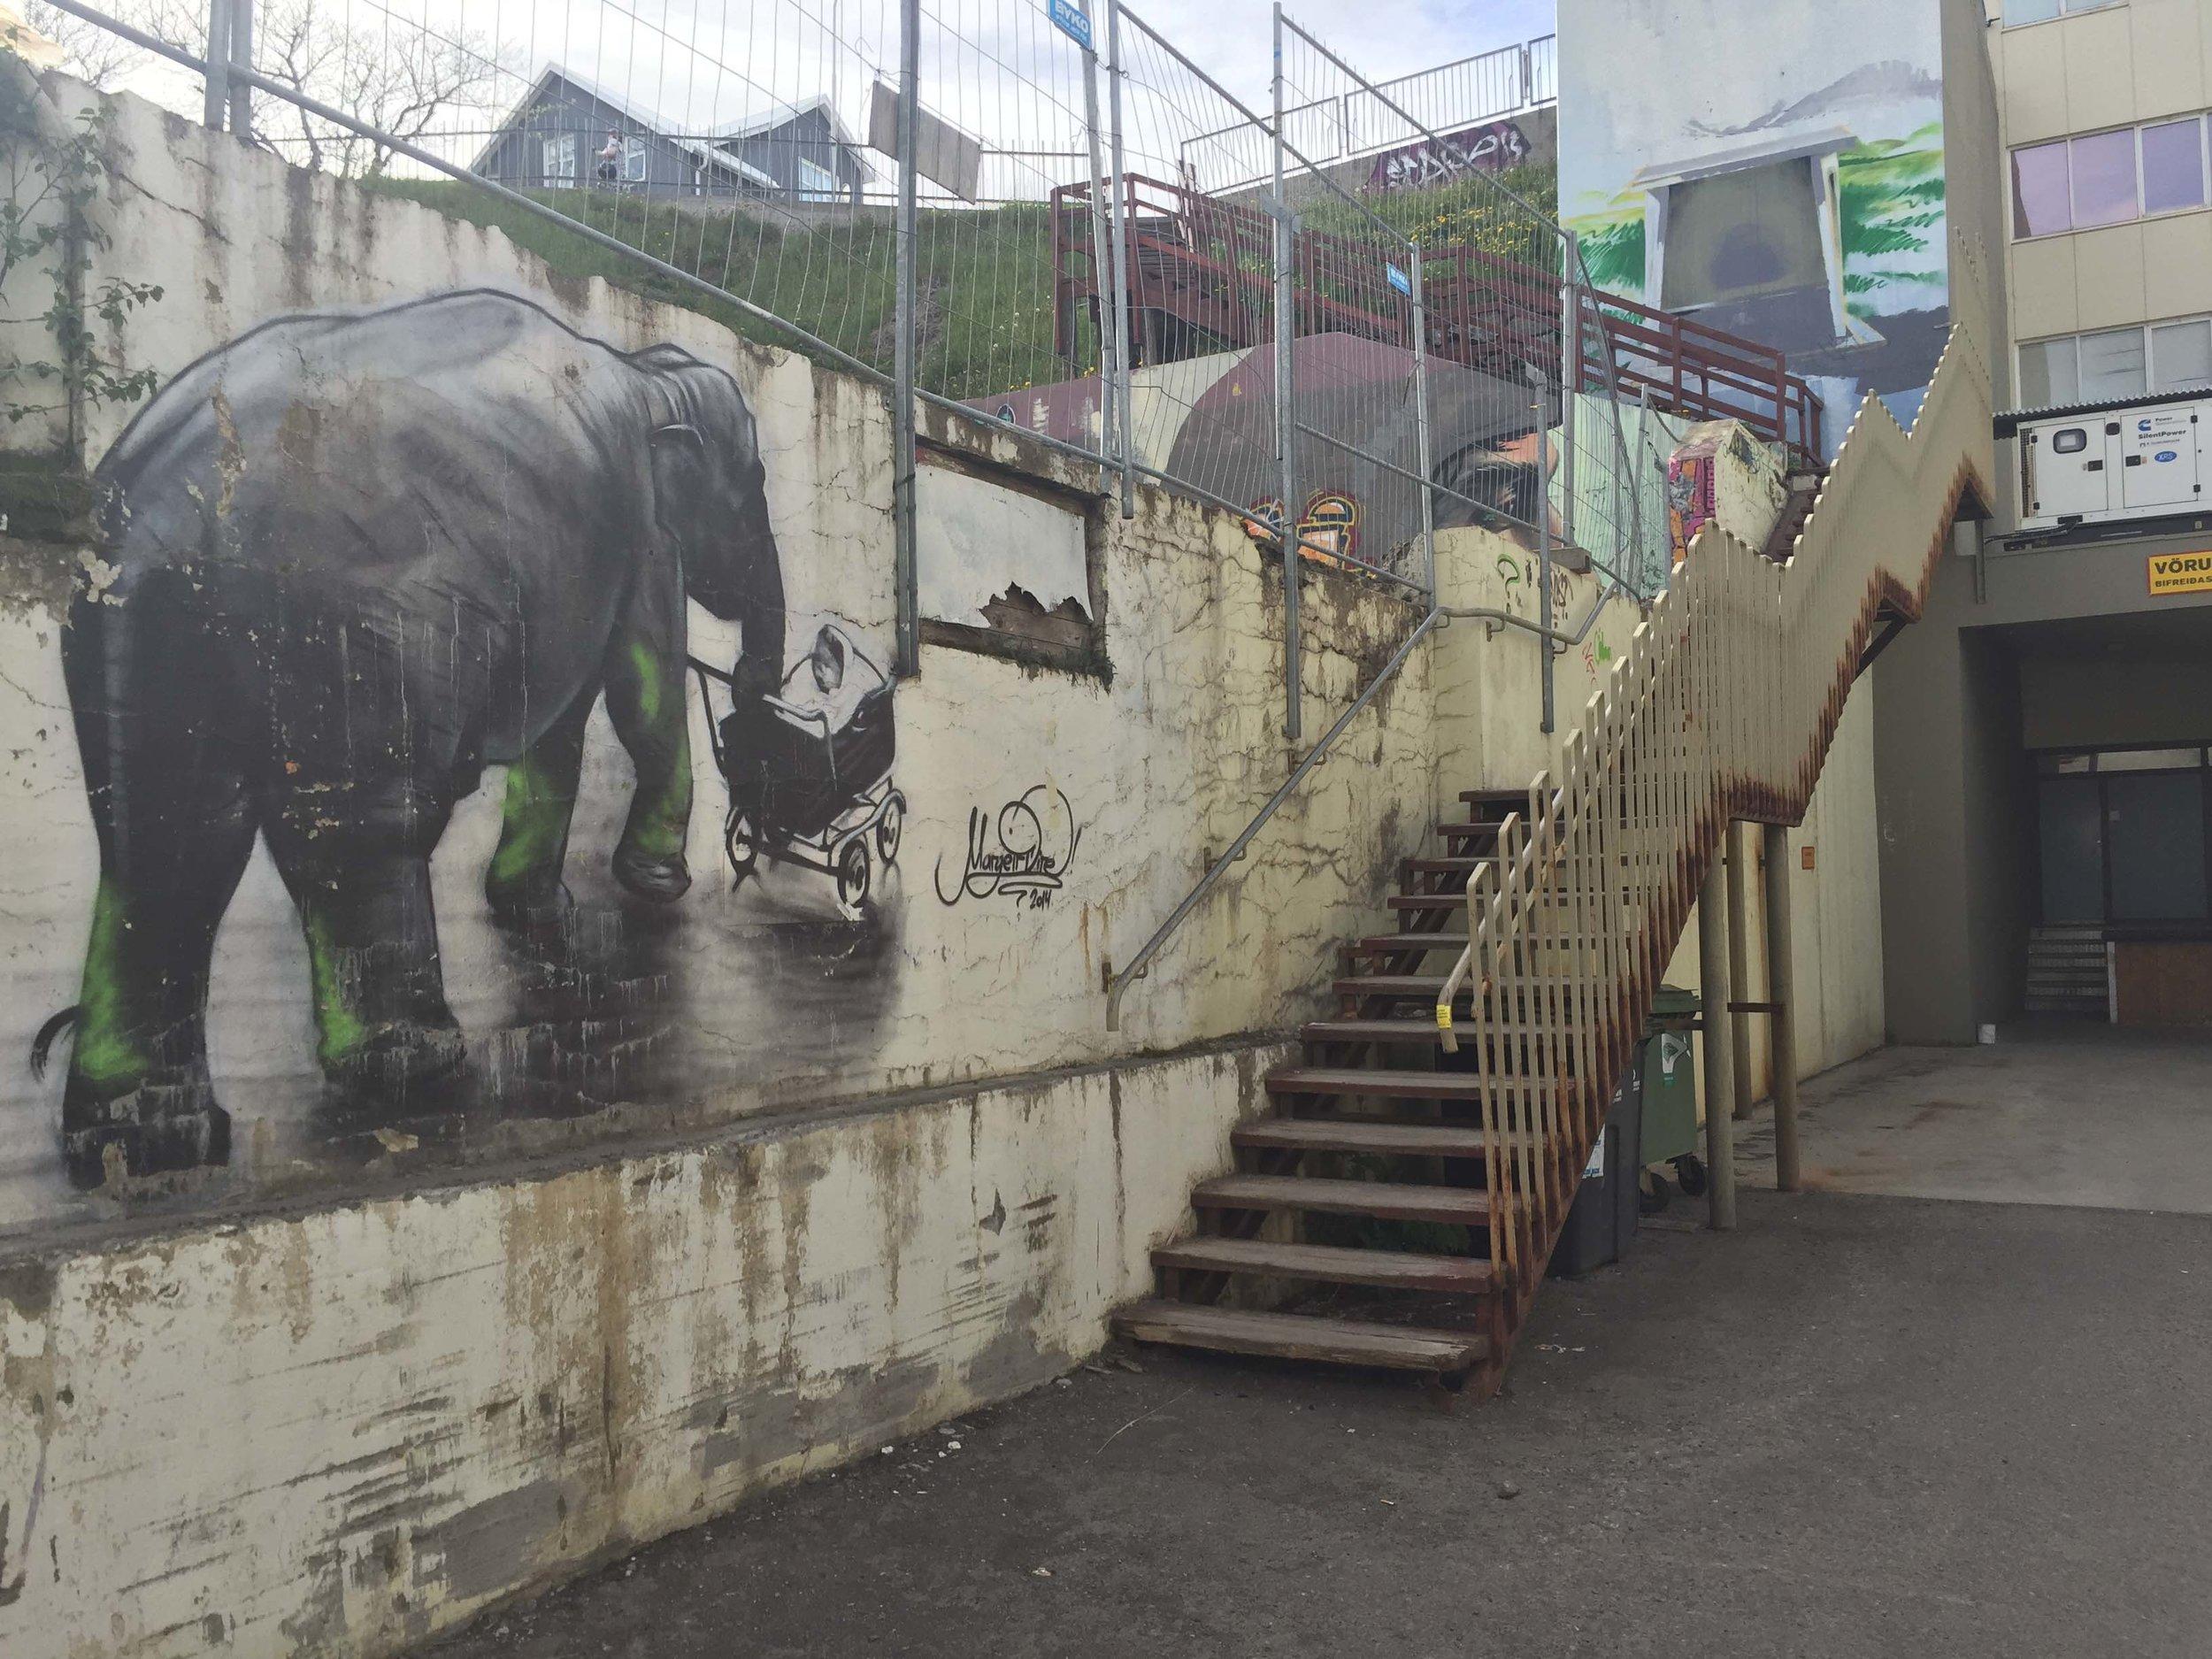 Akureyi street art